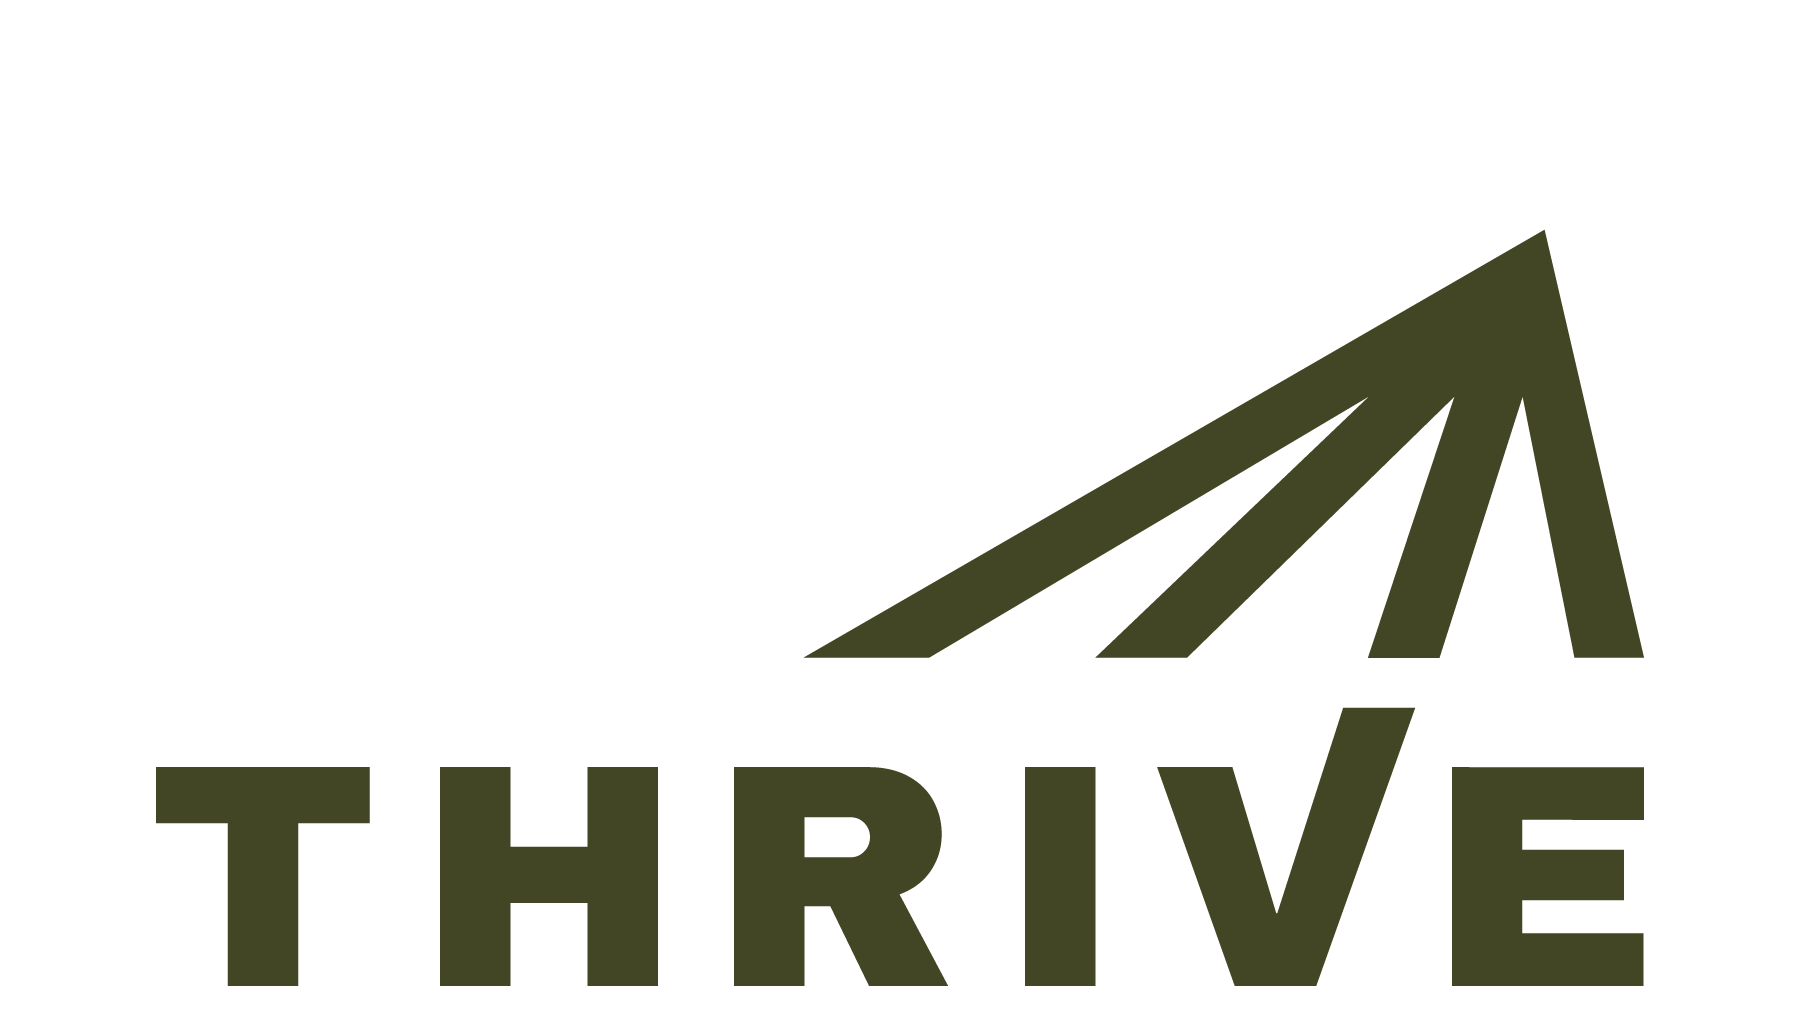 Thrive_ApprovedLogo-02-1-e1575956318352